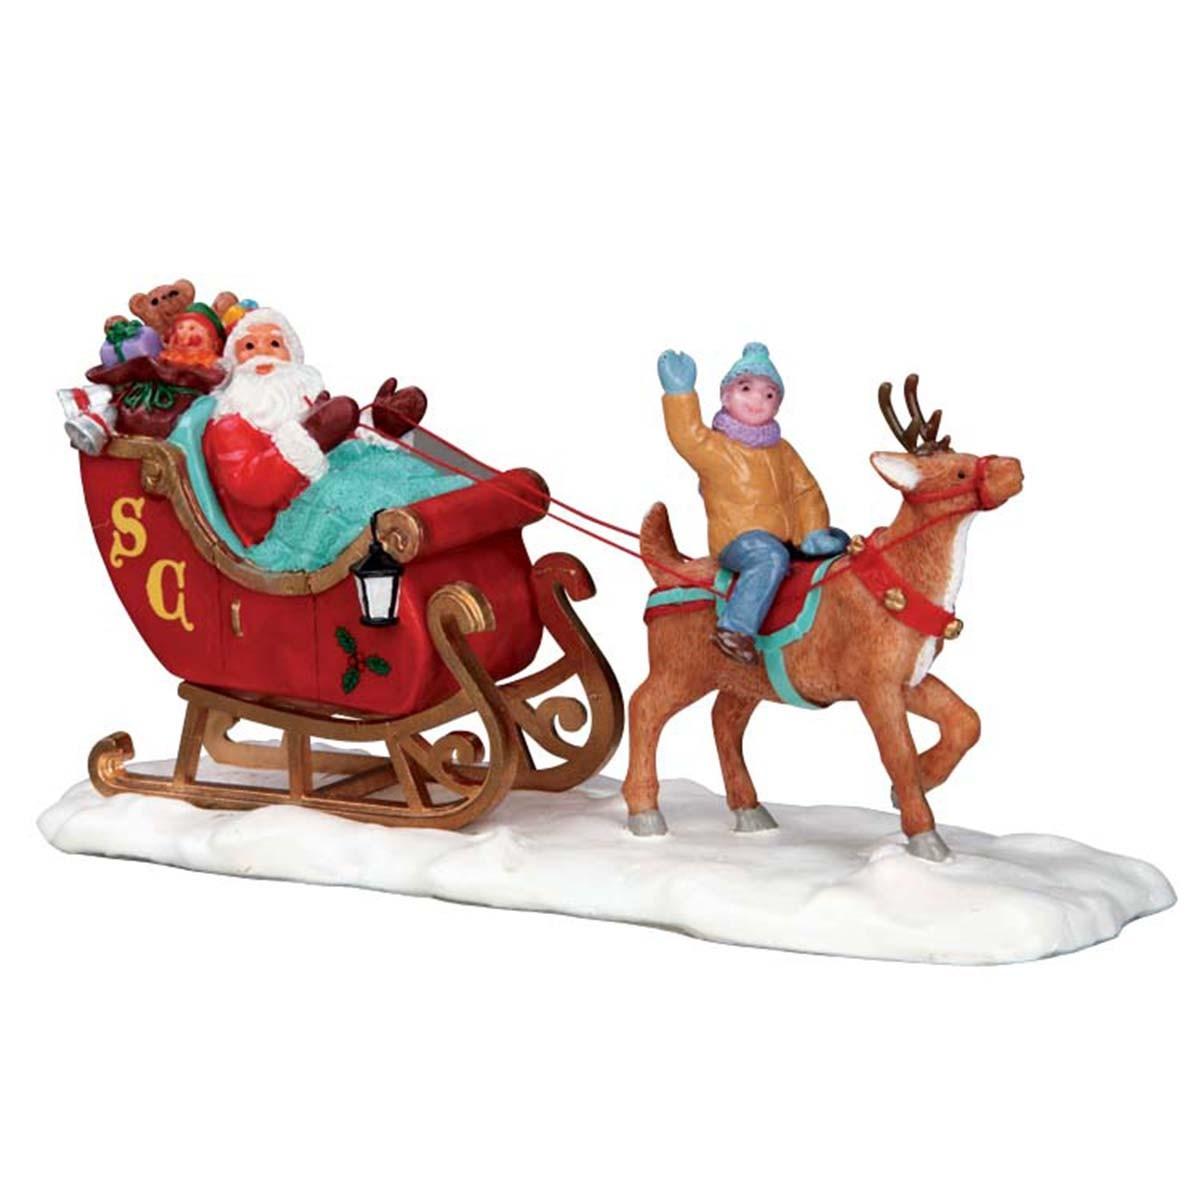 Lemax La Slitta Di Babbo Natale